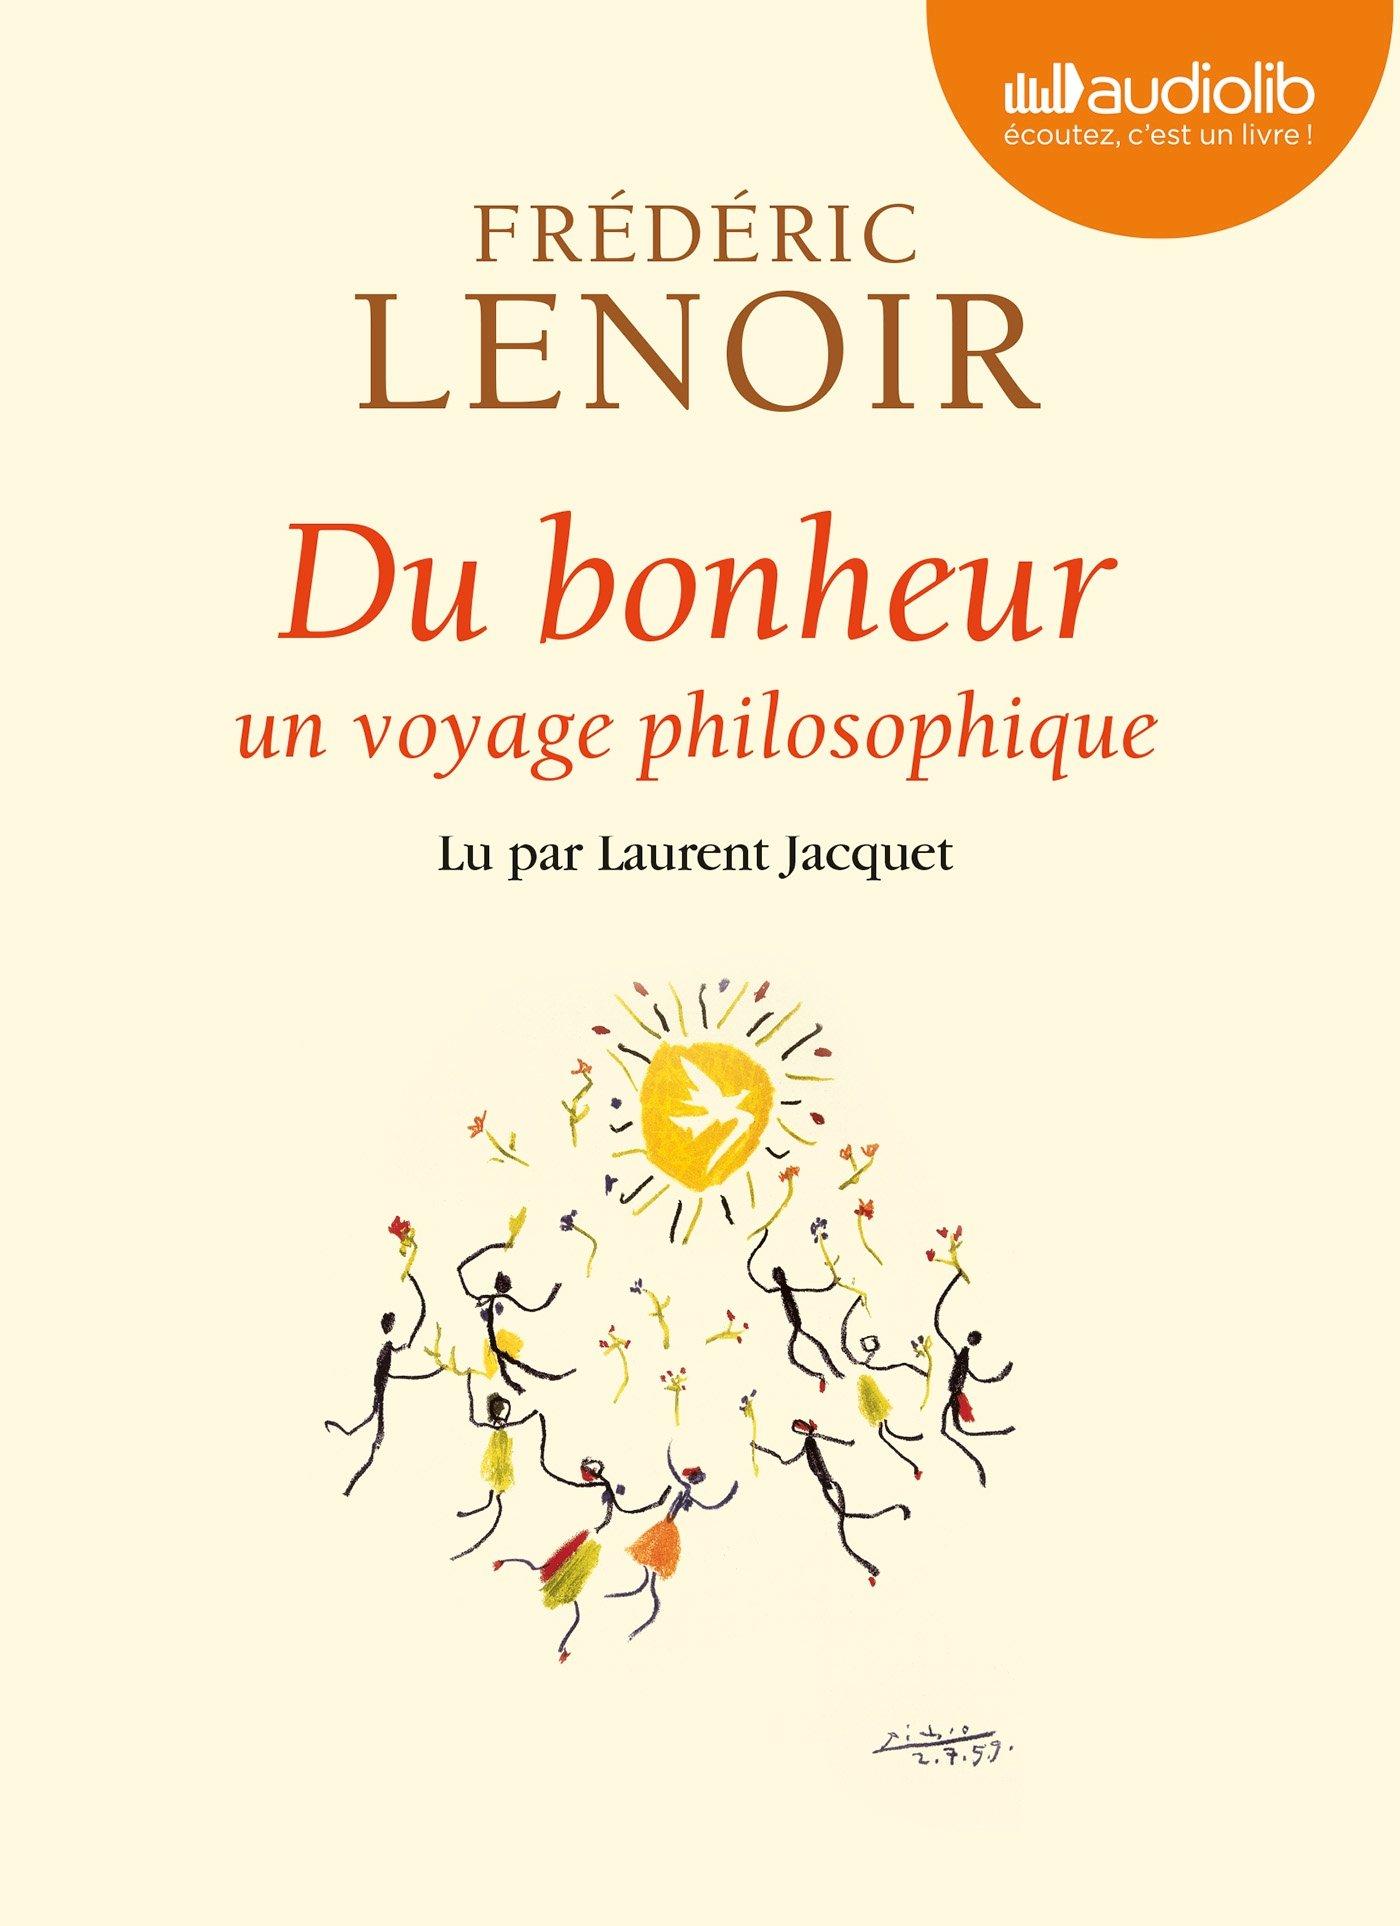 [EBOOKS AUDIO] FRÉDÉRIC LENOIR Du bonheur [mp3 256 kbps]